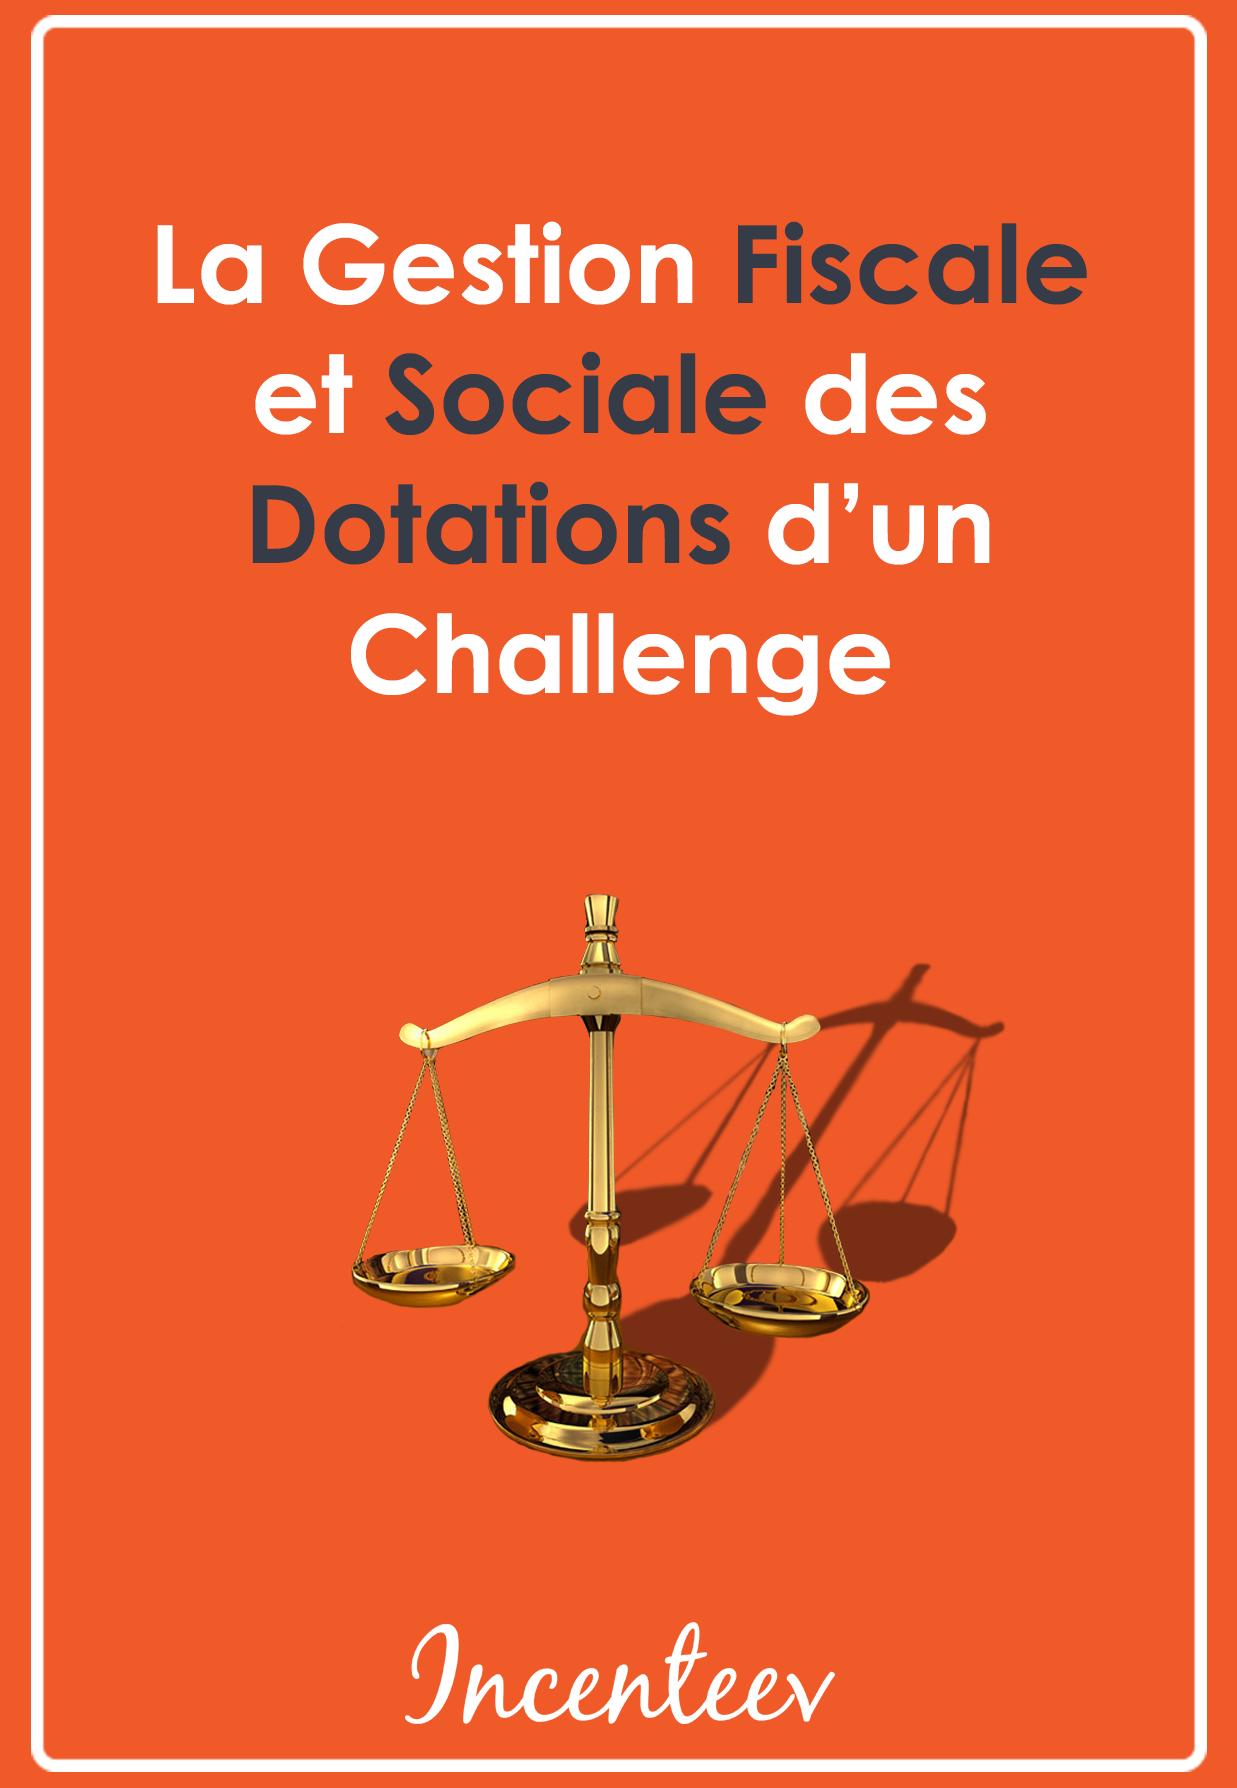 télécharger livre blanc la gestion fiscale et sociale des donations d'un challenge